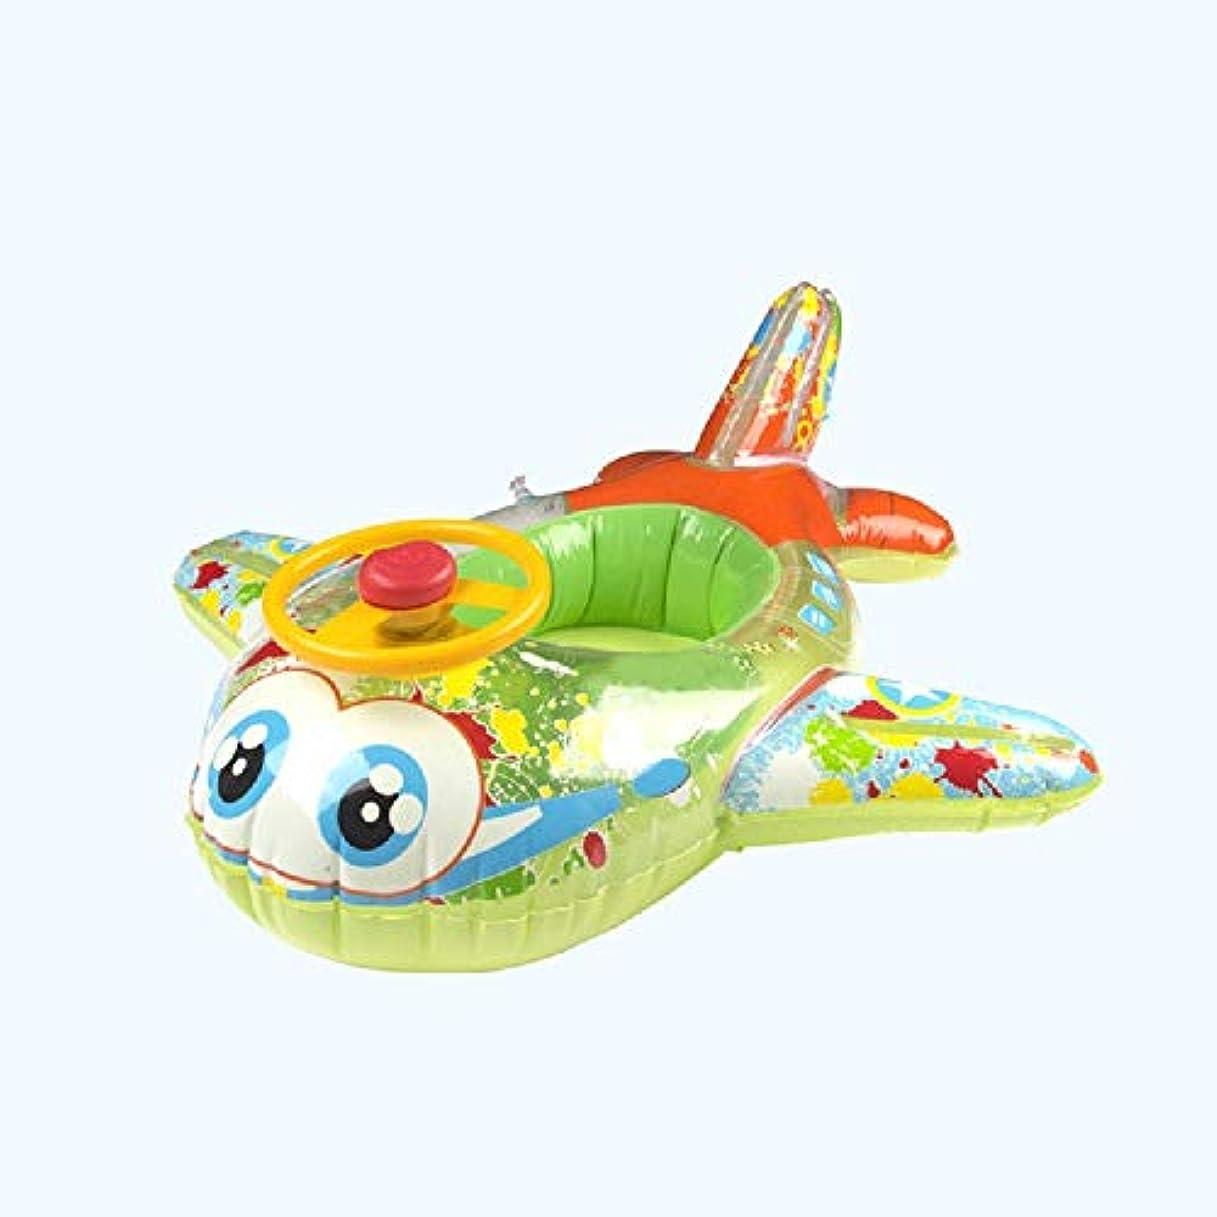 変化枕。飛行機の形 浮き輪 子供用 足入れ浮き輪 海水浴 ブルー 水遊びに大活躍 ロート 安全 丈夫 スイミング ビーチ 水遊び お風呂 水泳補助具